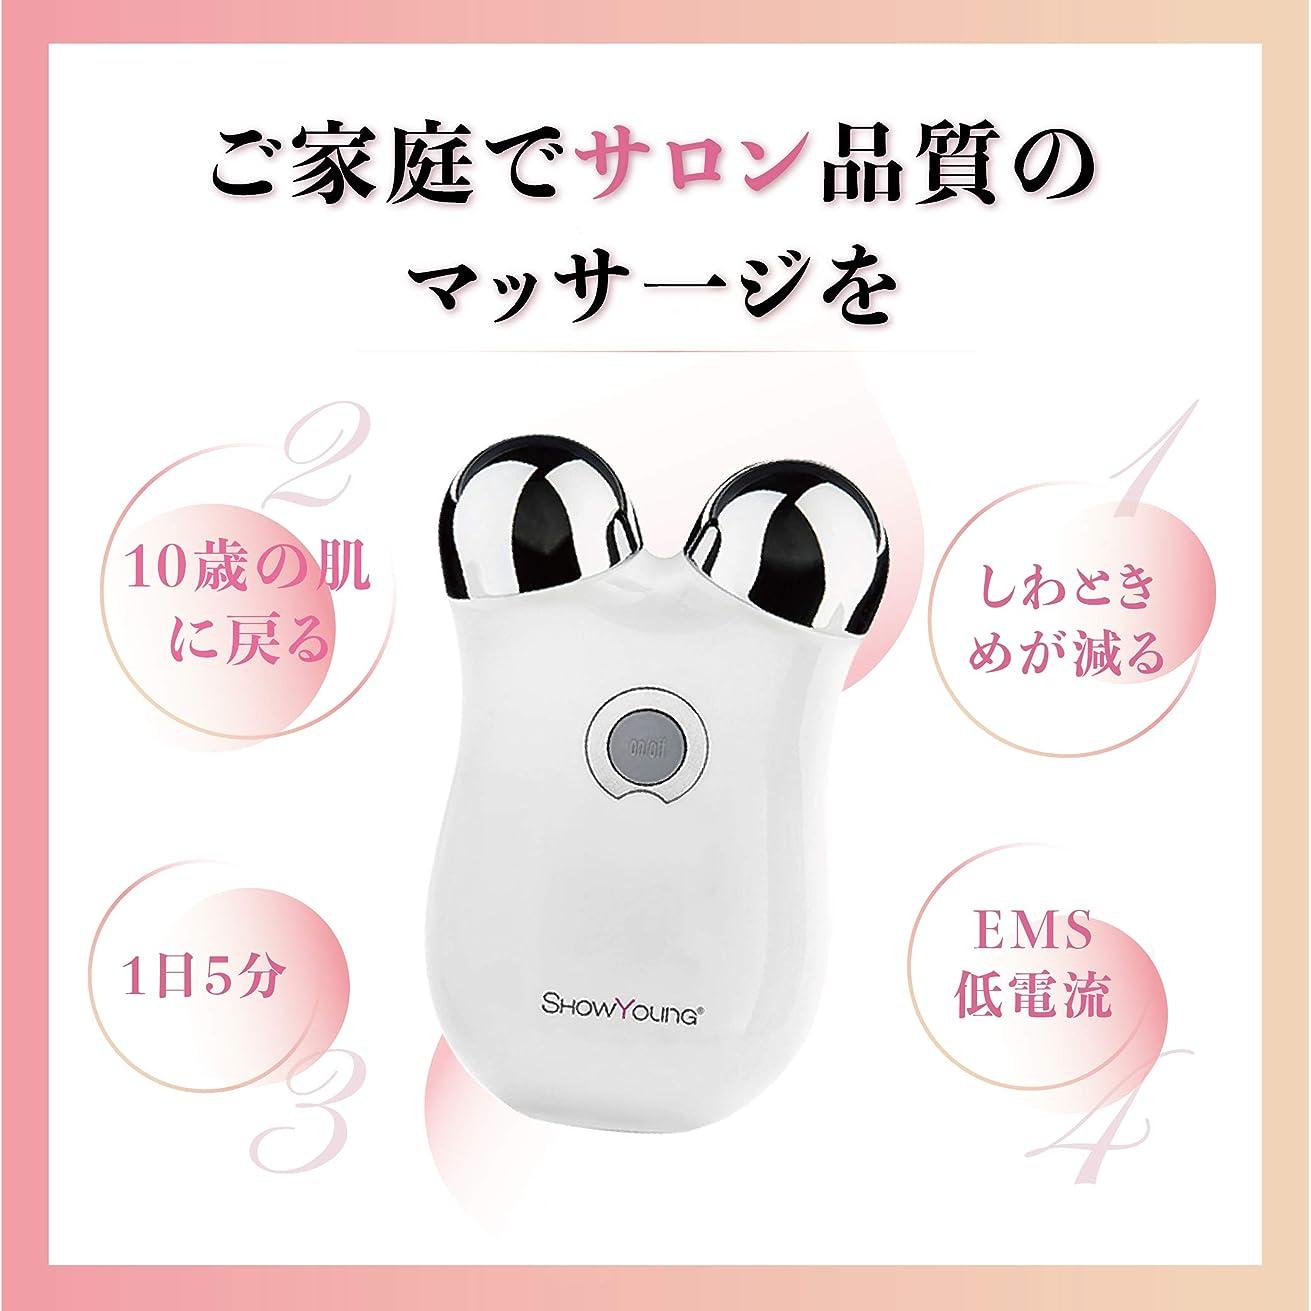 シンカン軍艦電話Showyoung 微小電流ミニ顔マッサージ器、顔の調色装置、しわと細紋の減少、皮膚、リンパのマッサージ、調整の質、2年の品質の保証に用いる。